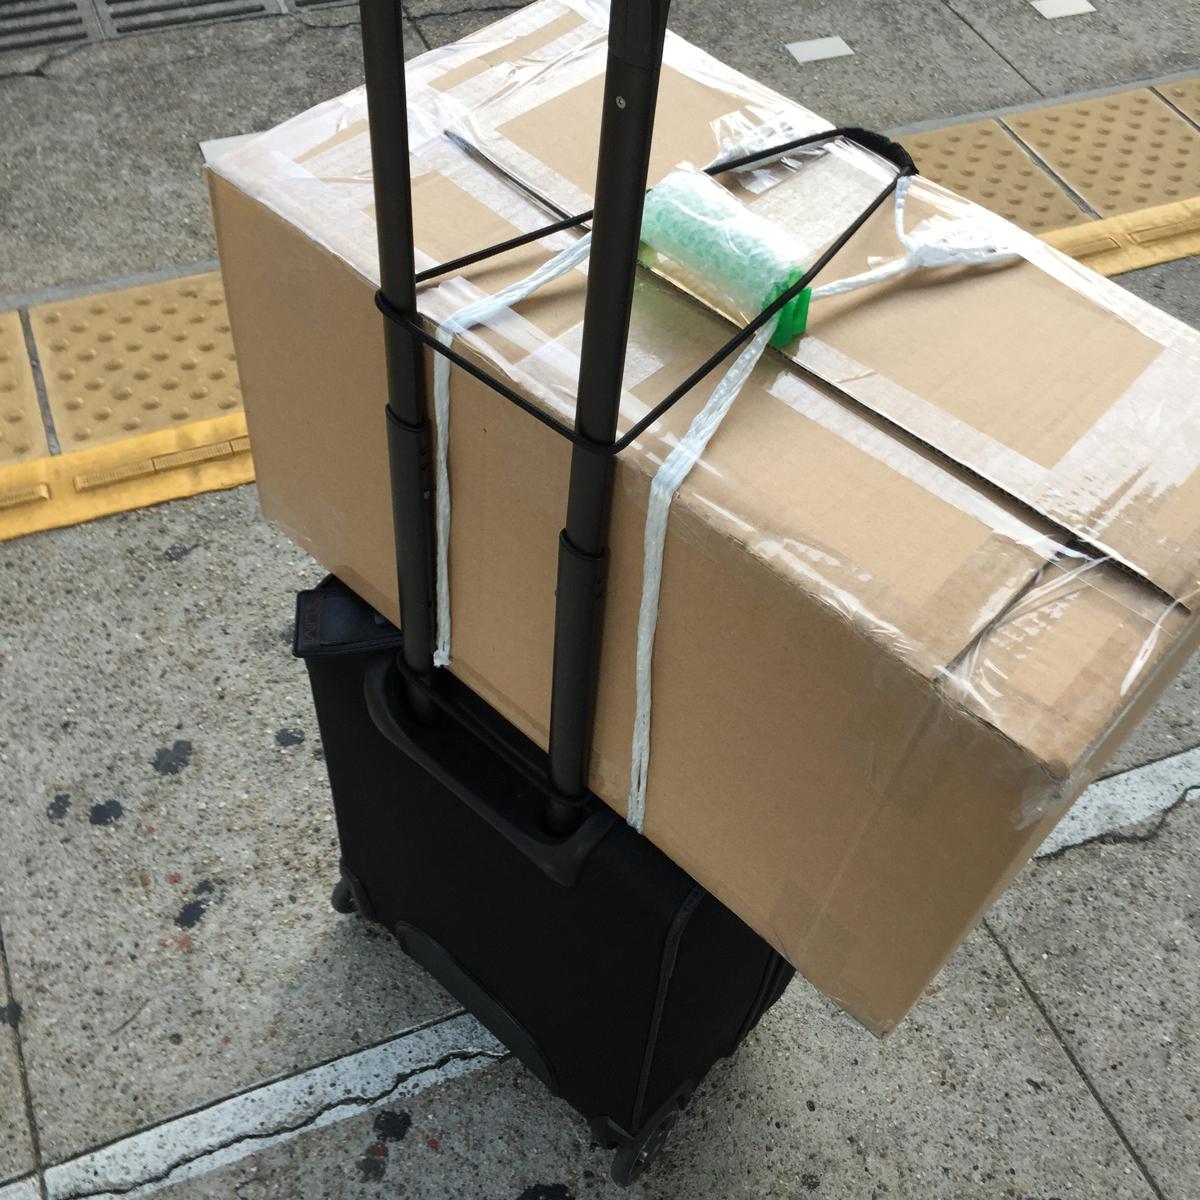 ダンボール箱の荷物